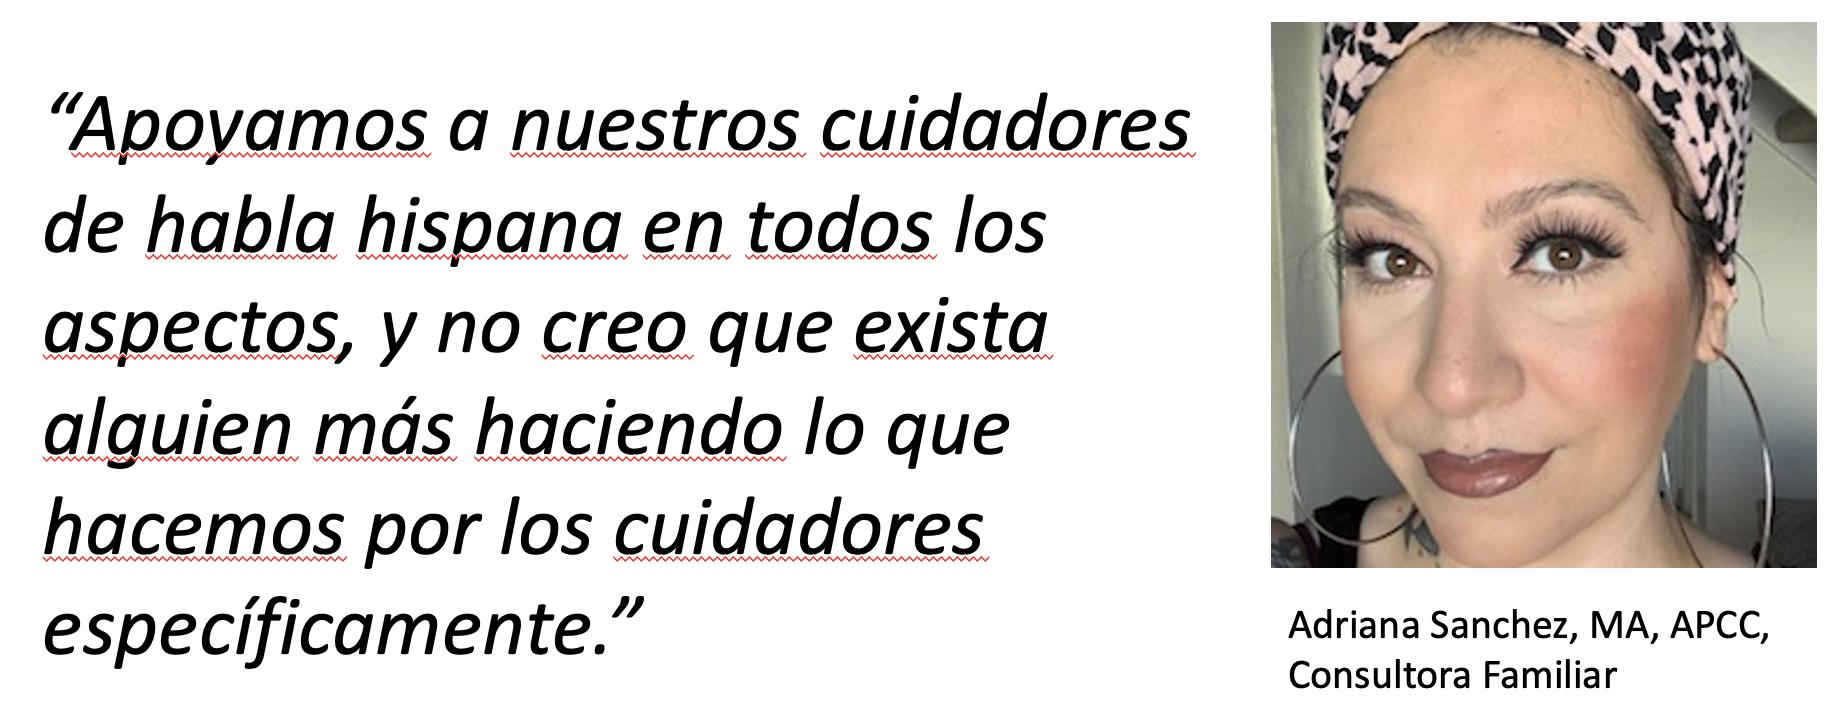 Adriana Sanchez, MA, APCC, Consultora Familiar